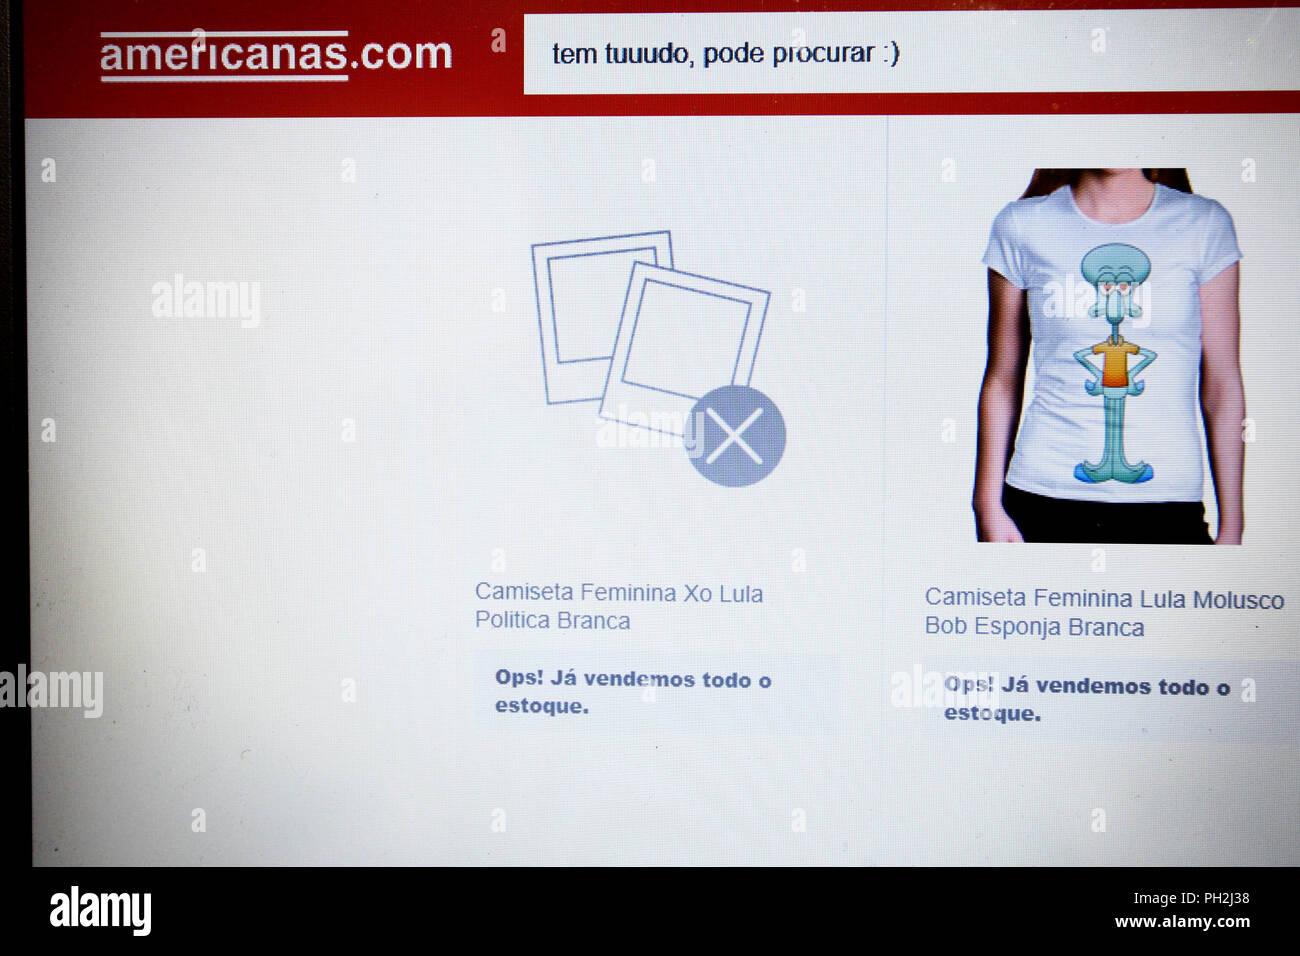 São Paulo Sp 3082018 Americanas Vendôme Camiseta